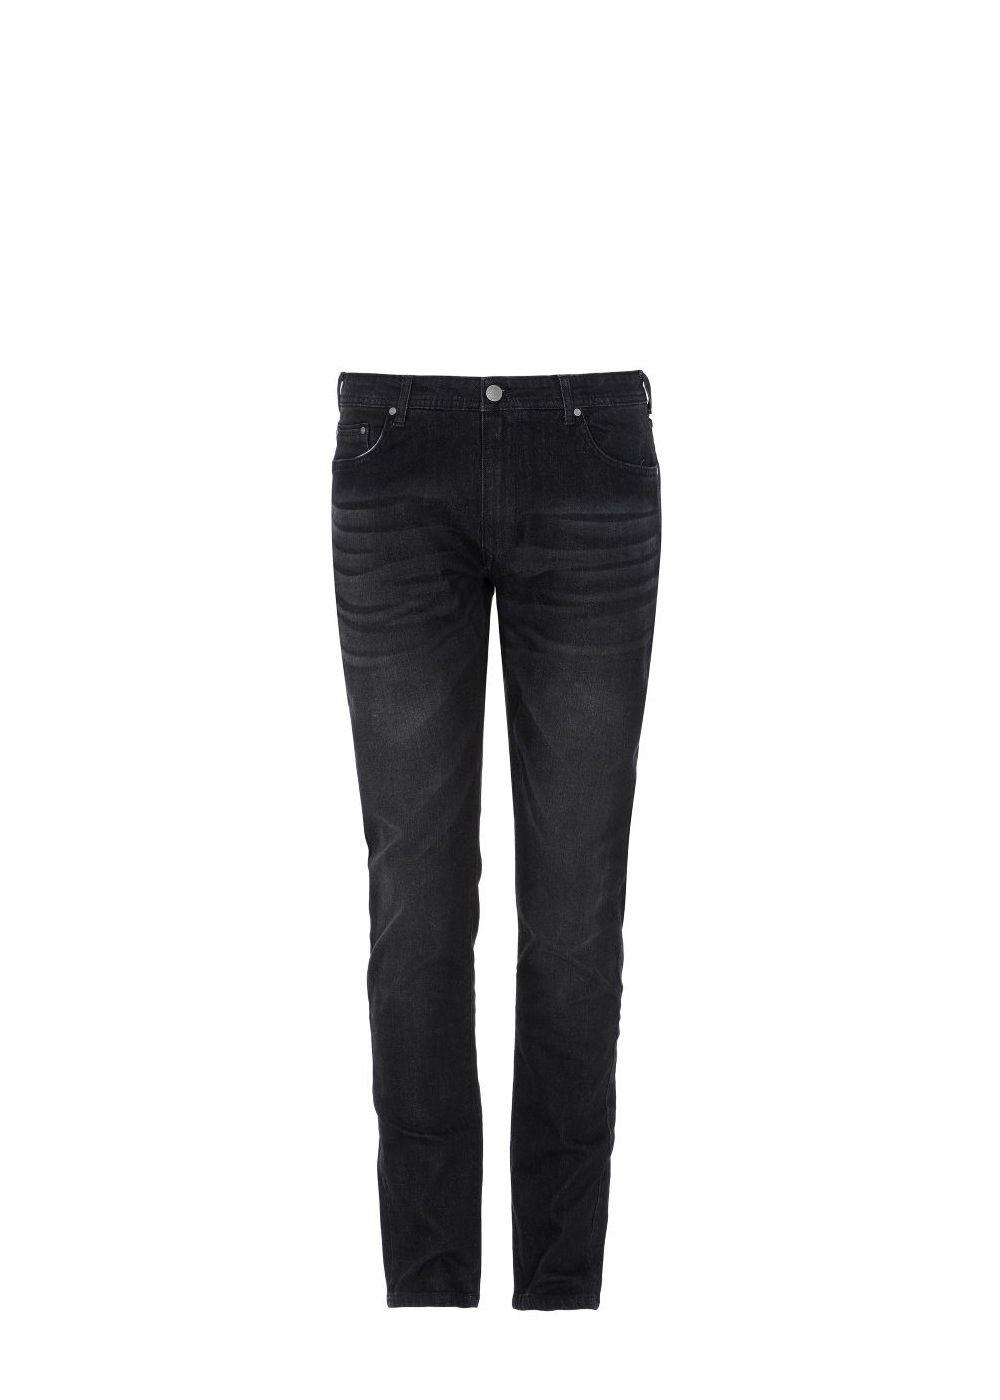 Spodnie męskie JEAMT-0007-99(W20)